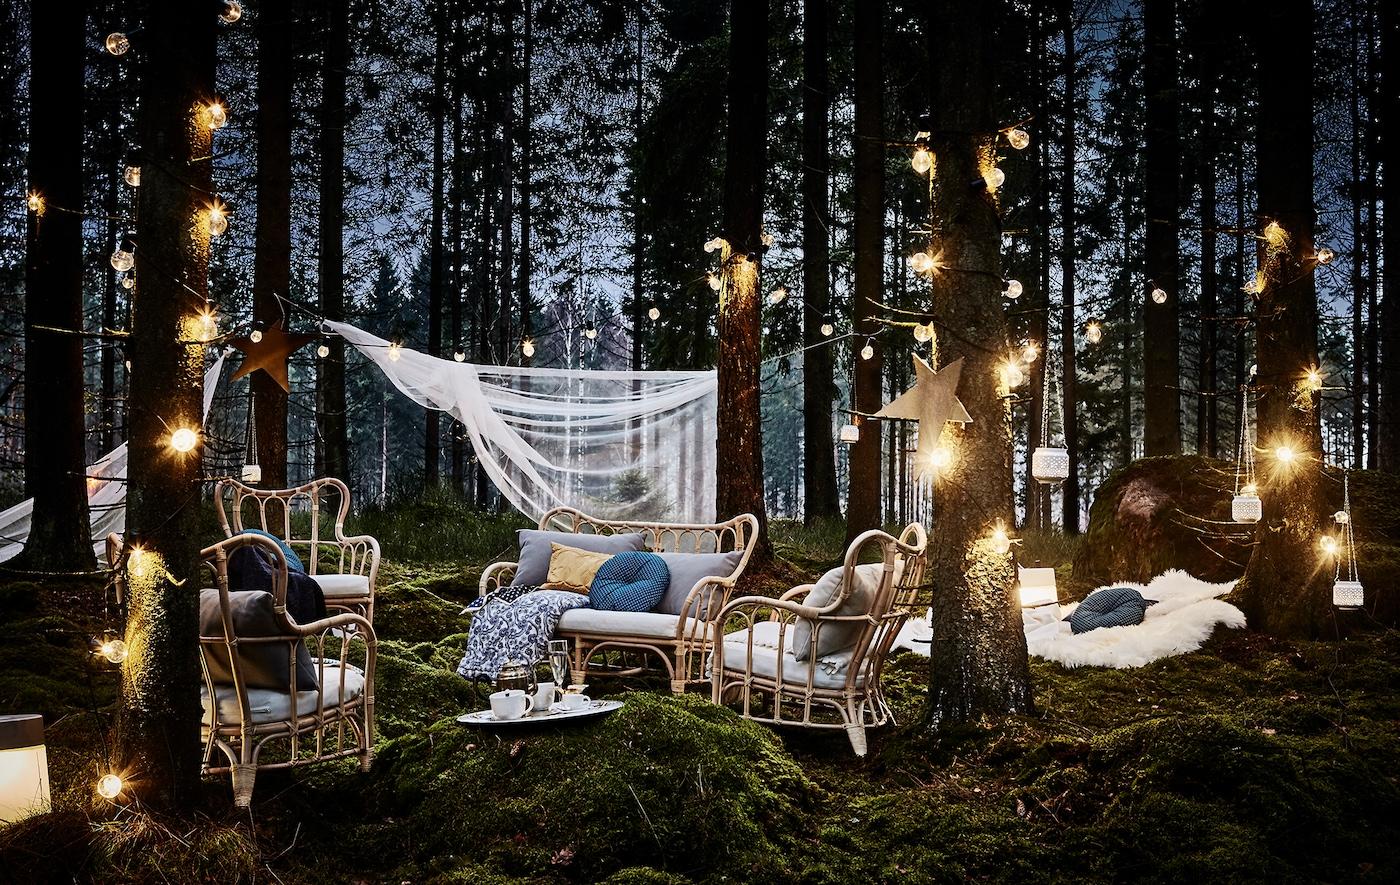 Märchenhafter Außenbereich im Wald mit Sesseln, Polstern, Decken & vielen Lichtern von IKEA.